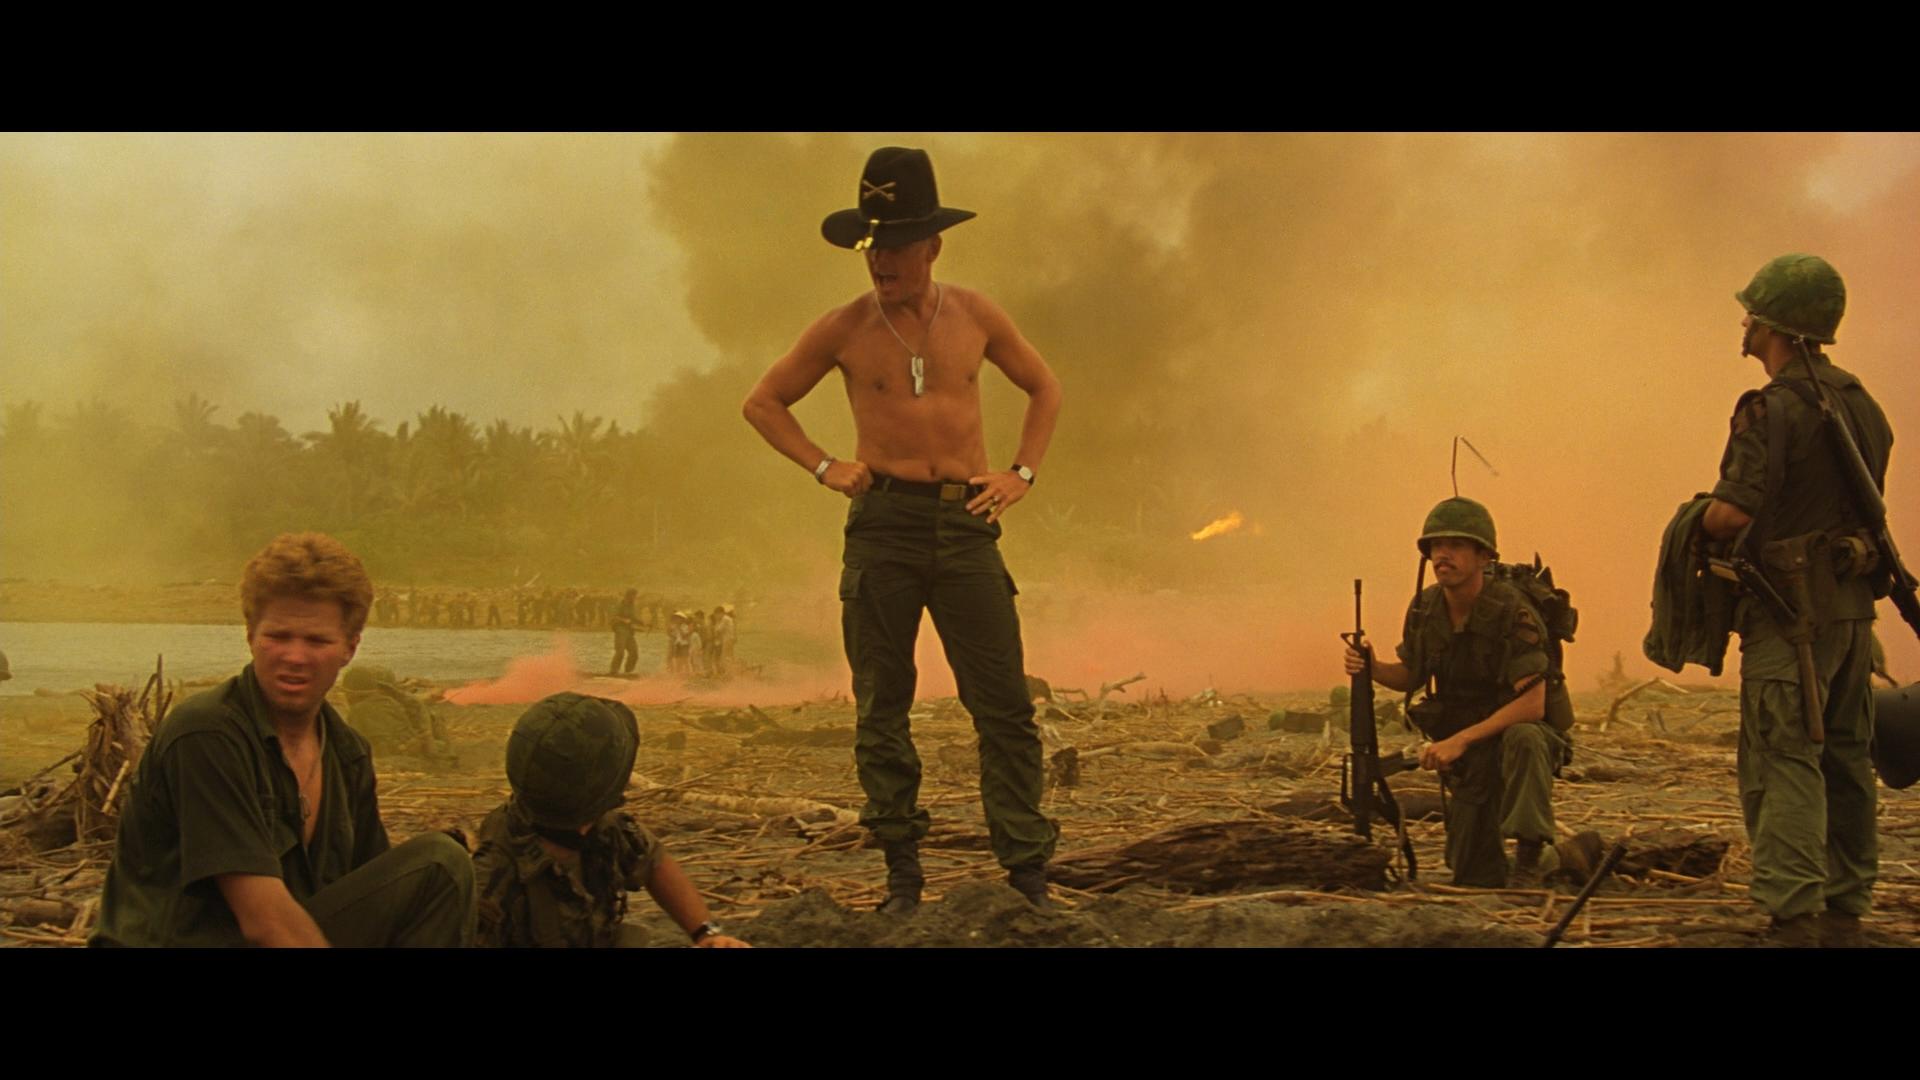 Apocalypse movie now review